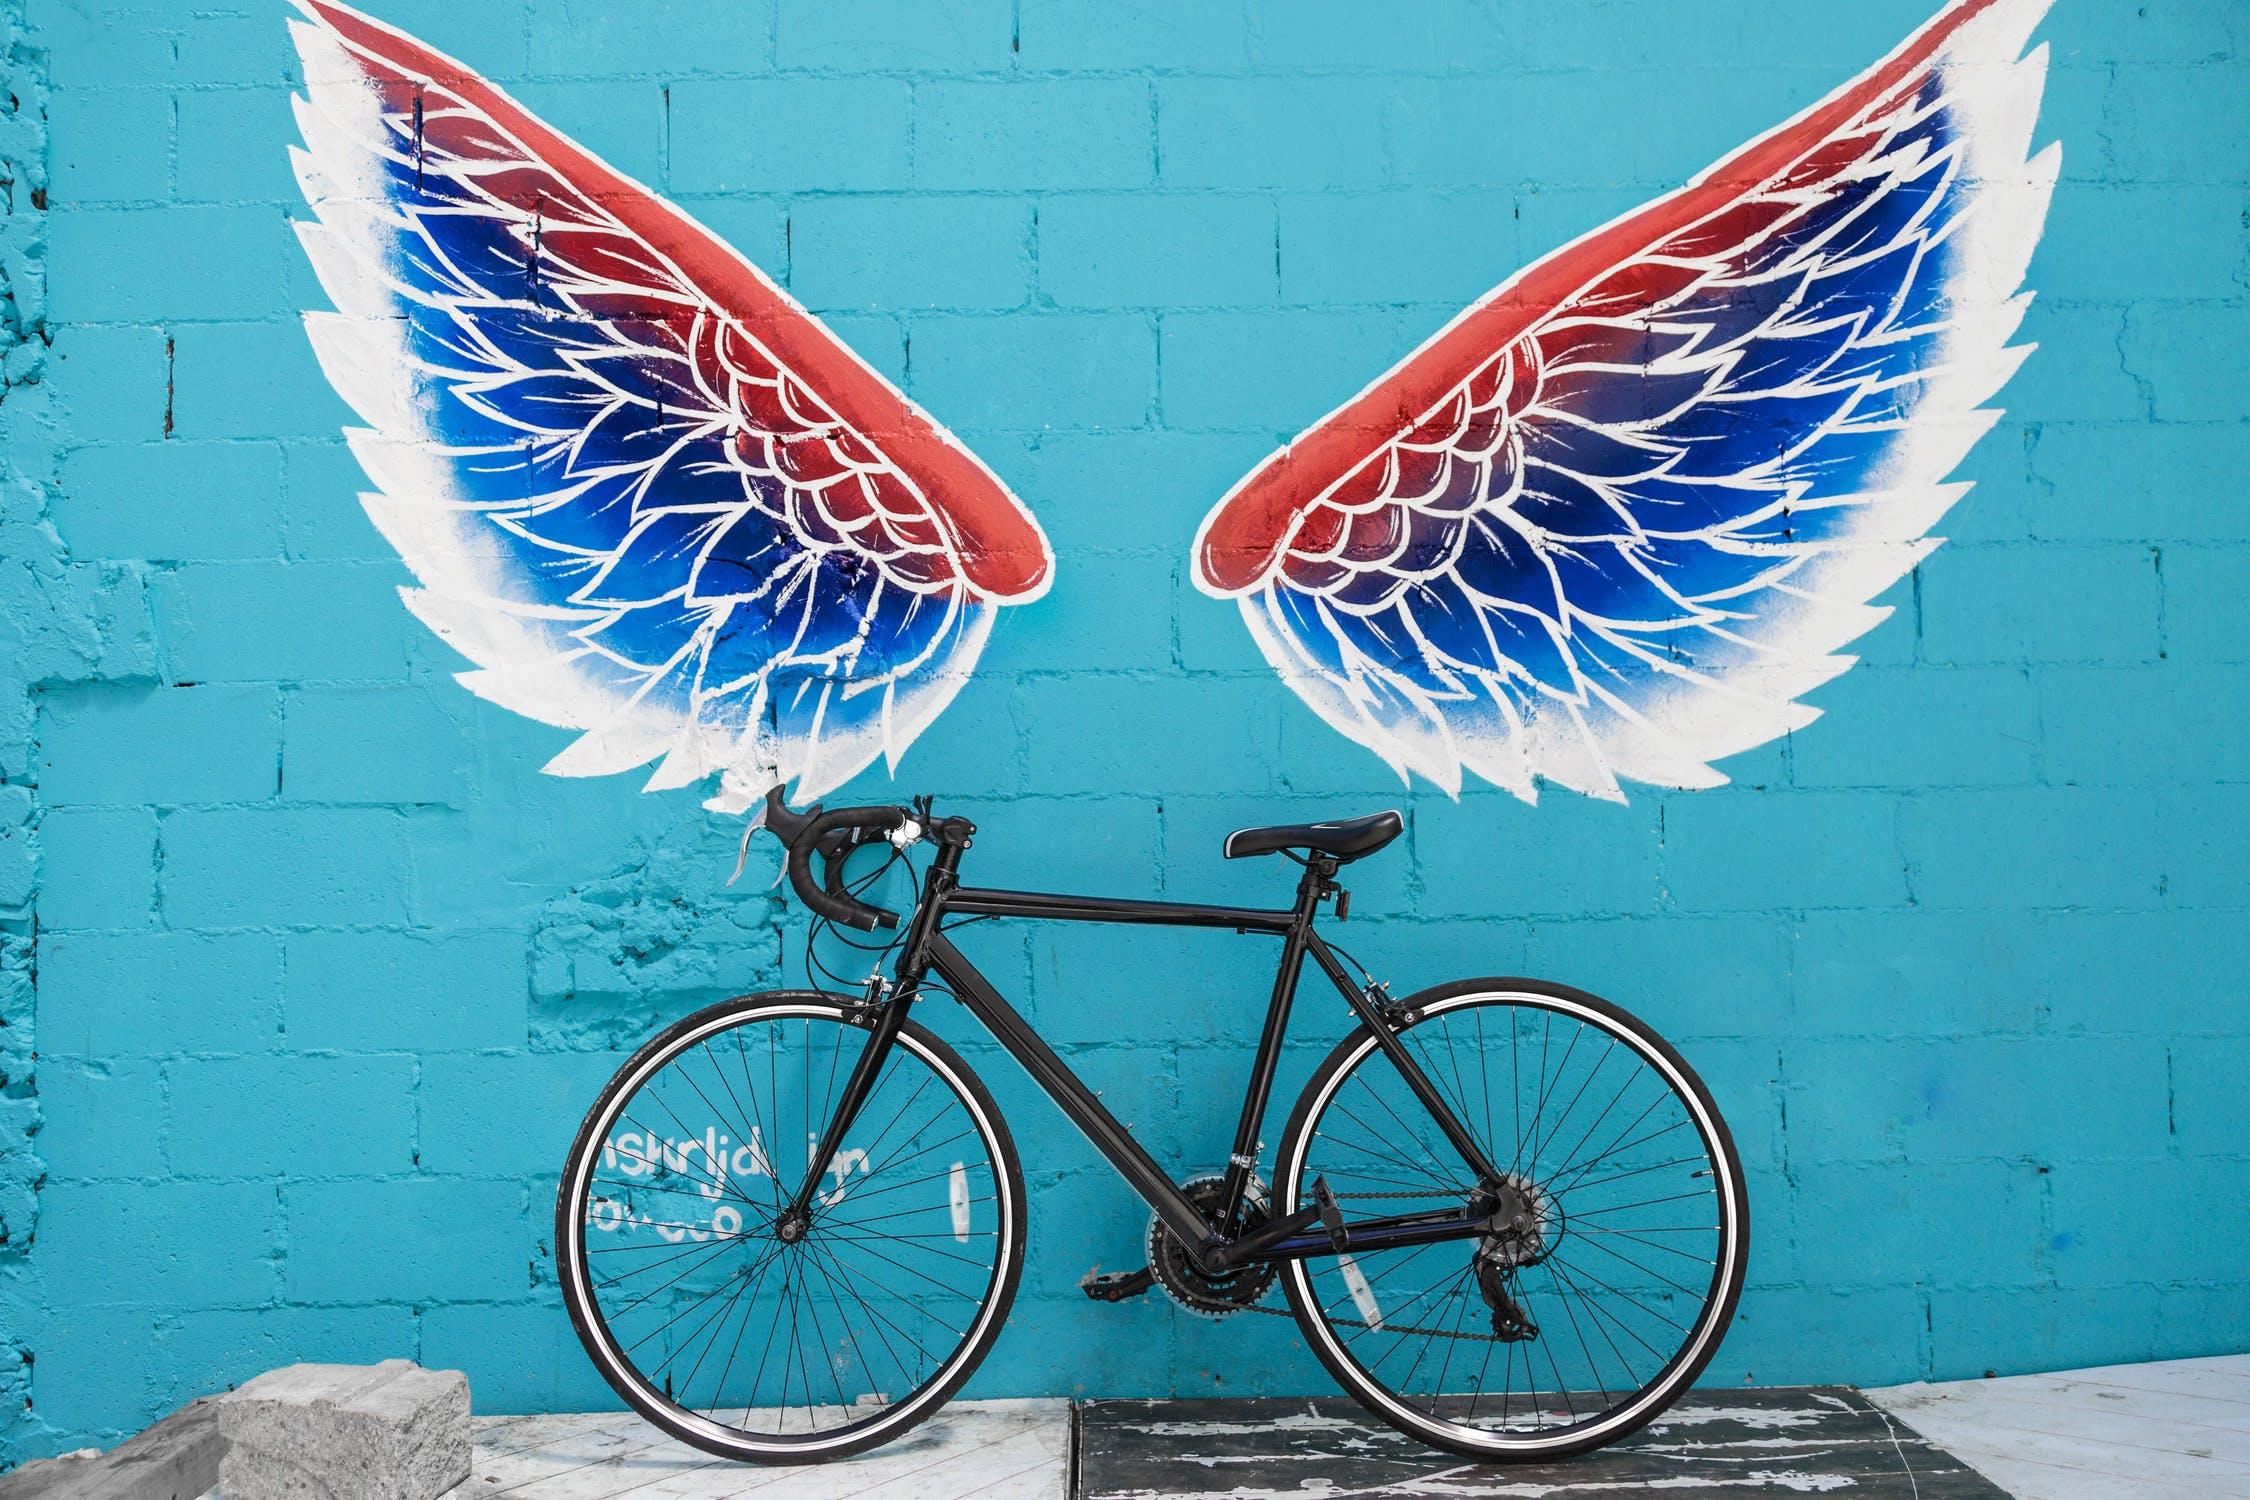 Details Bike Ride